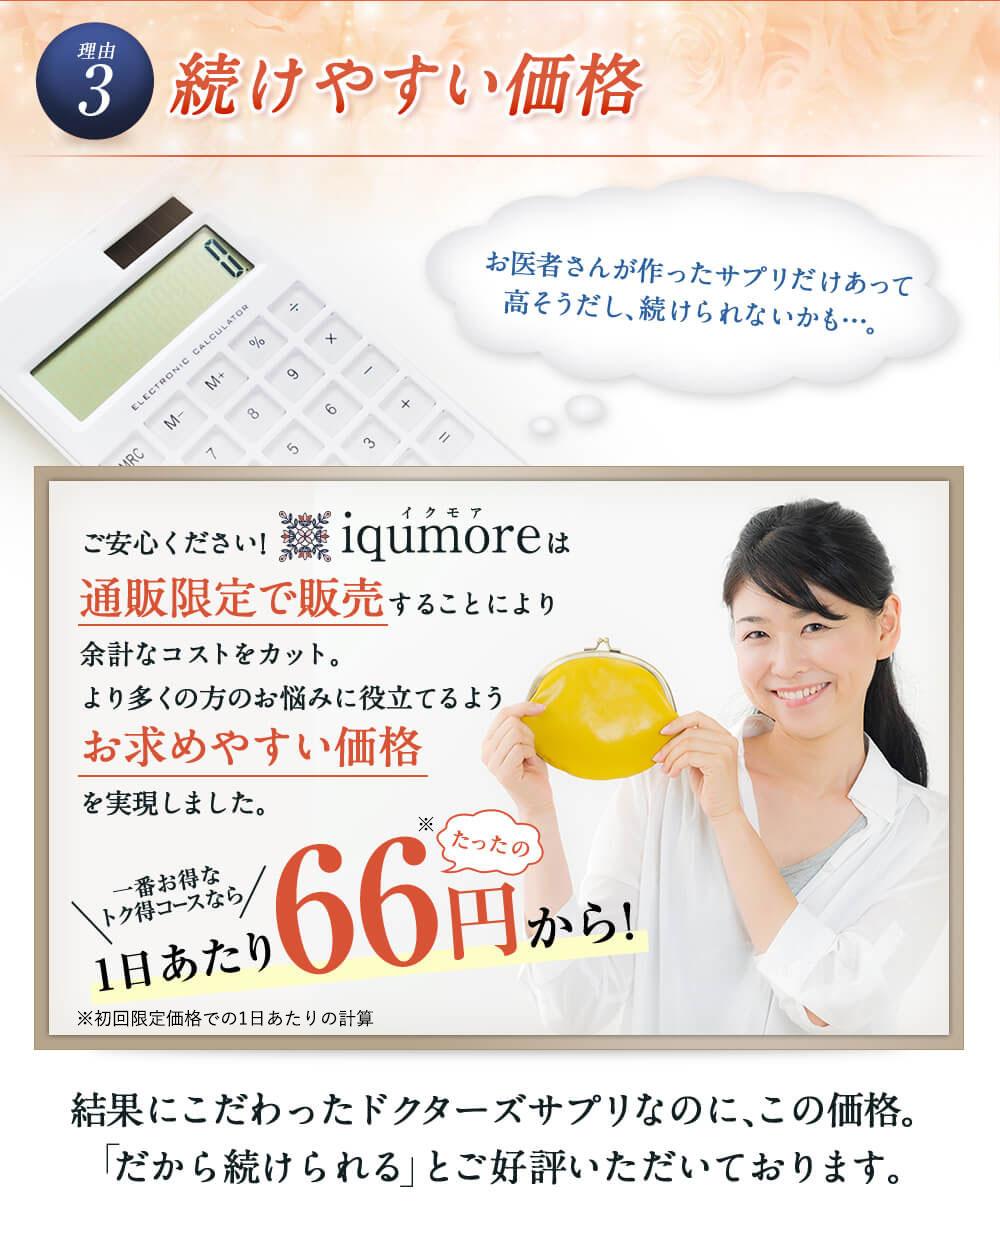 理由3 続けやすい価格 お求めやすい価格を実現 1日あたり66円から